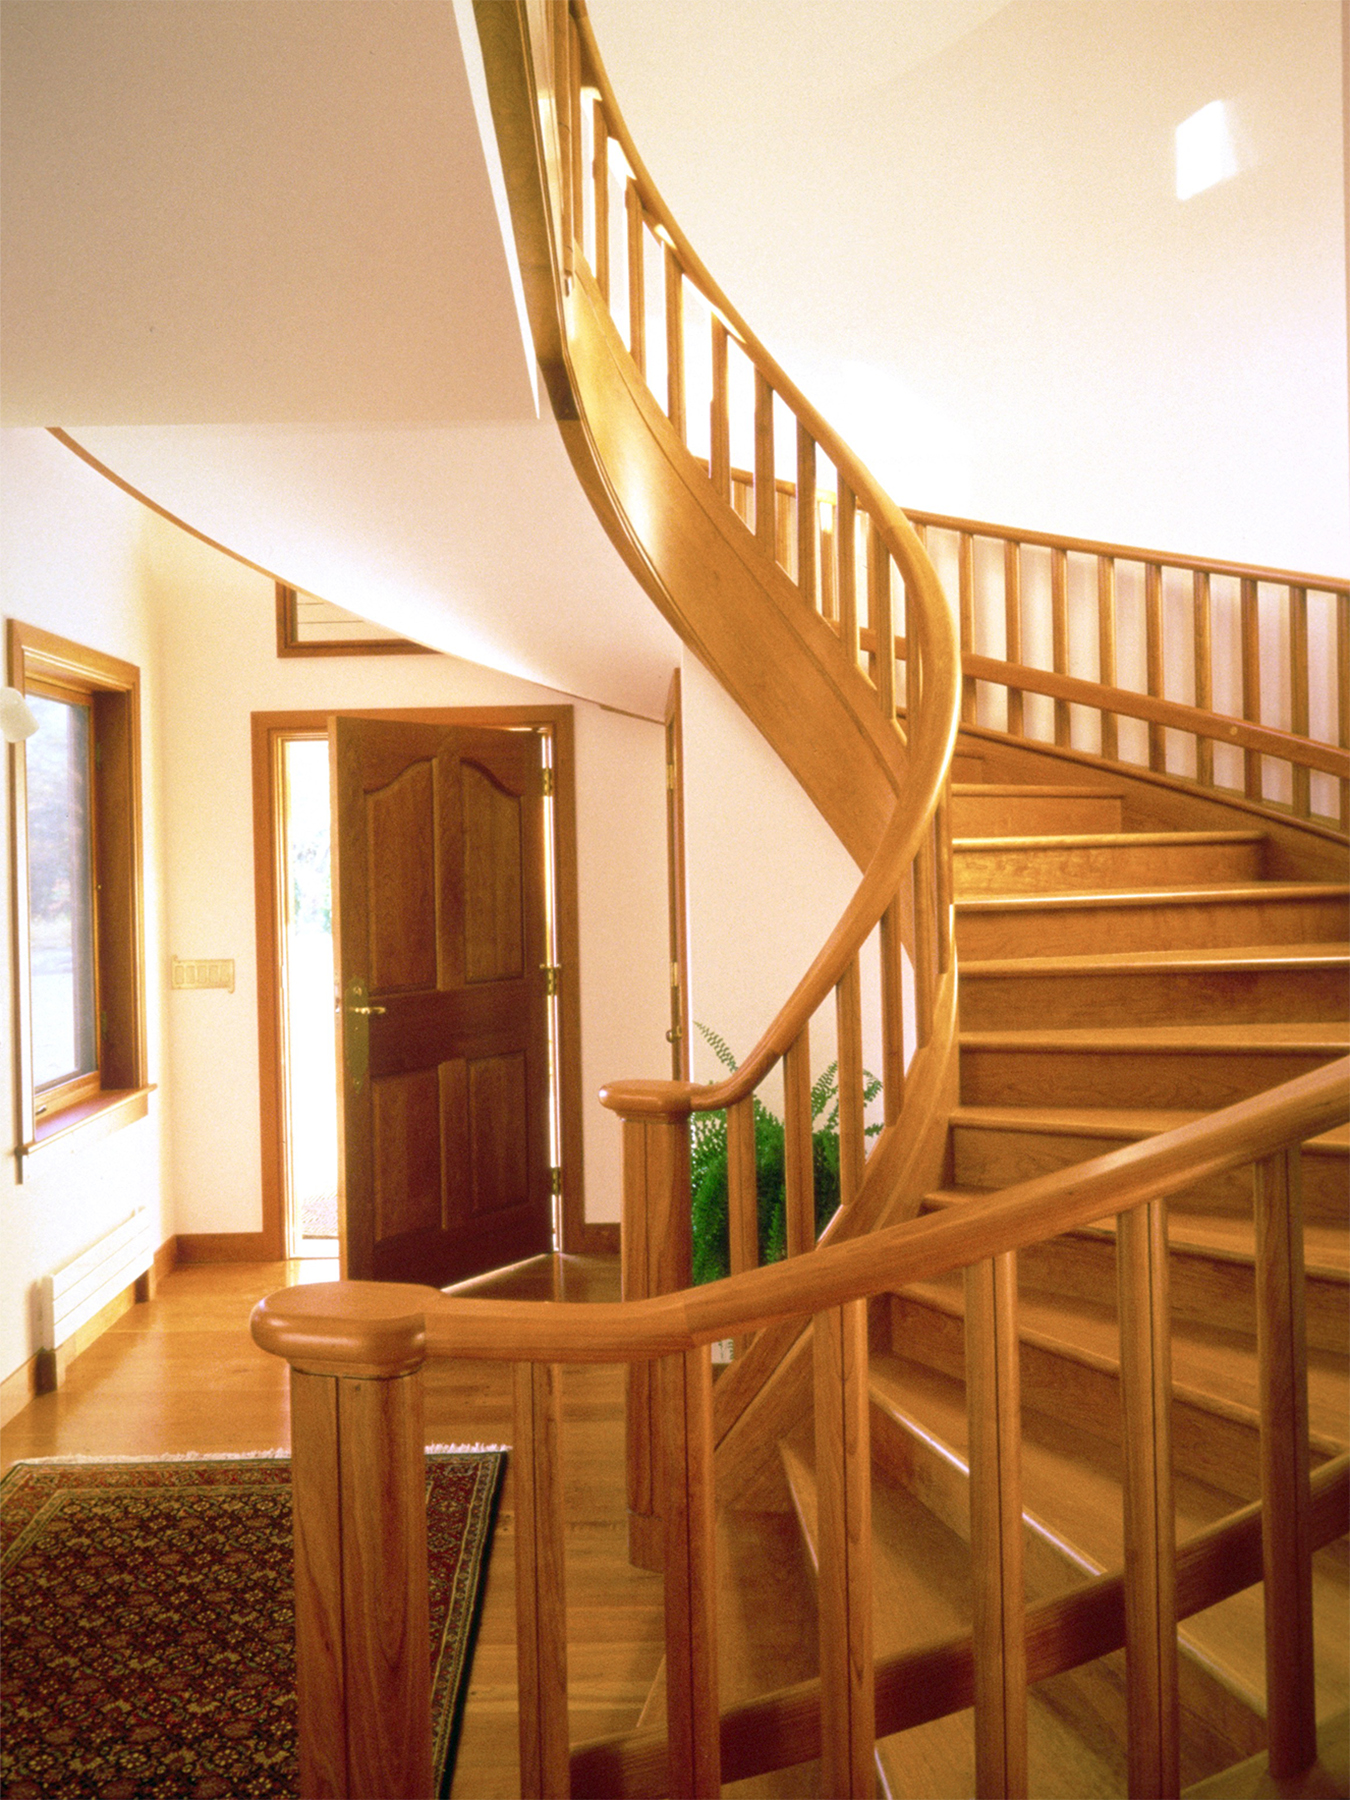 Noyce staircase: cherry